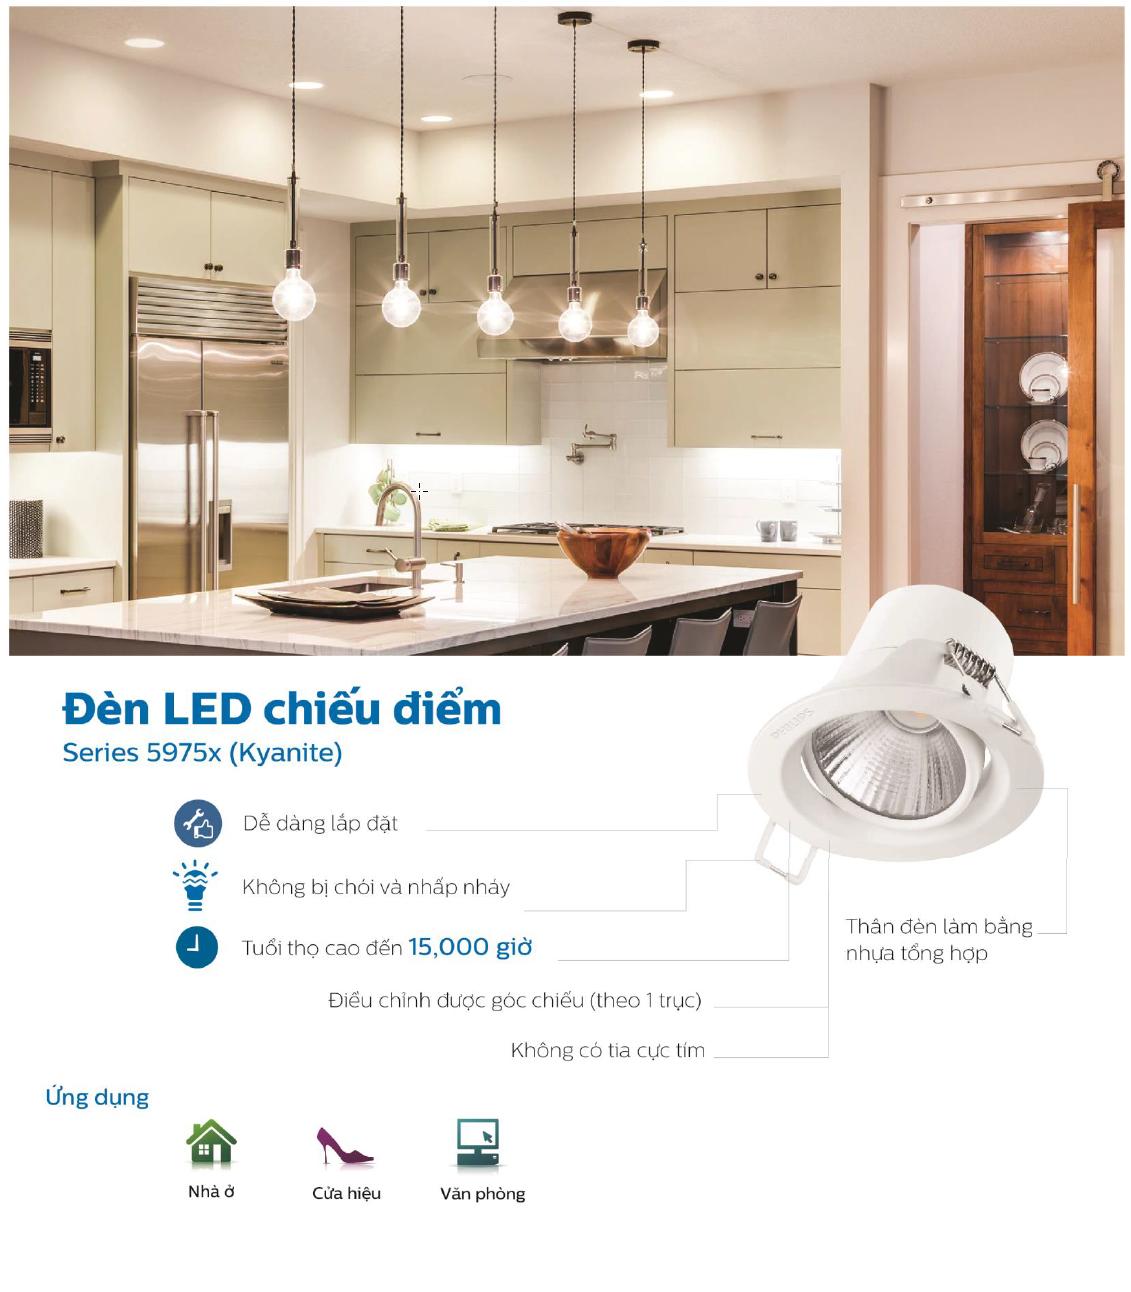 Đèn Downlight Led chiếu điểm Spotlight Philips 59752 Kyanite 5W 2700K